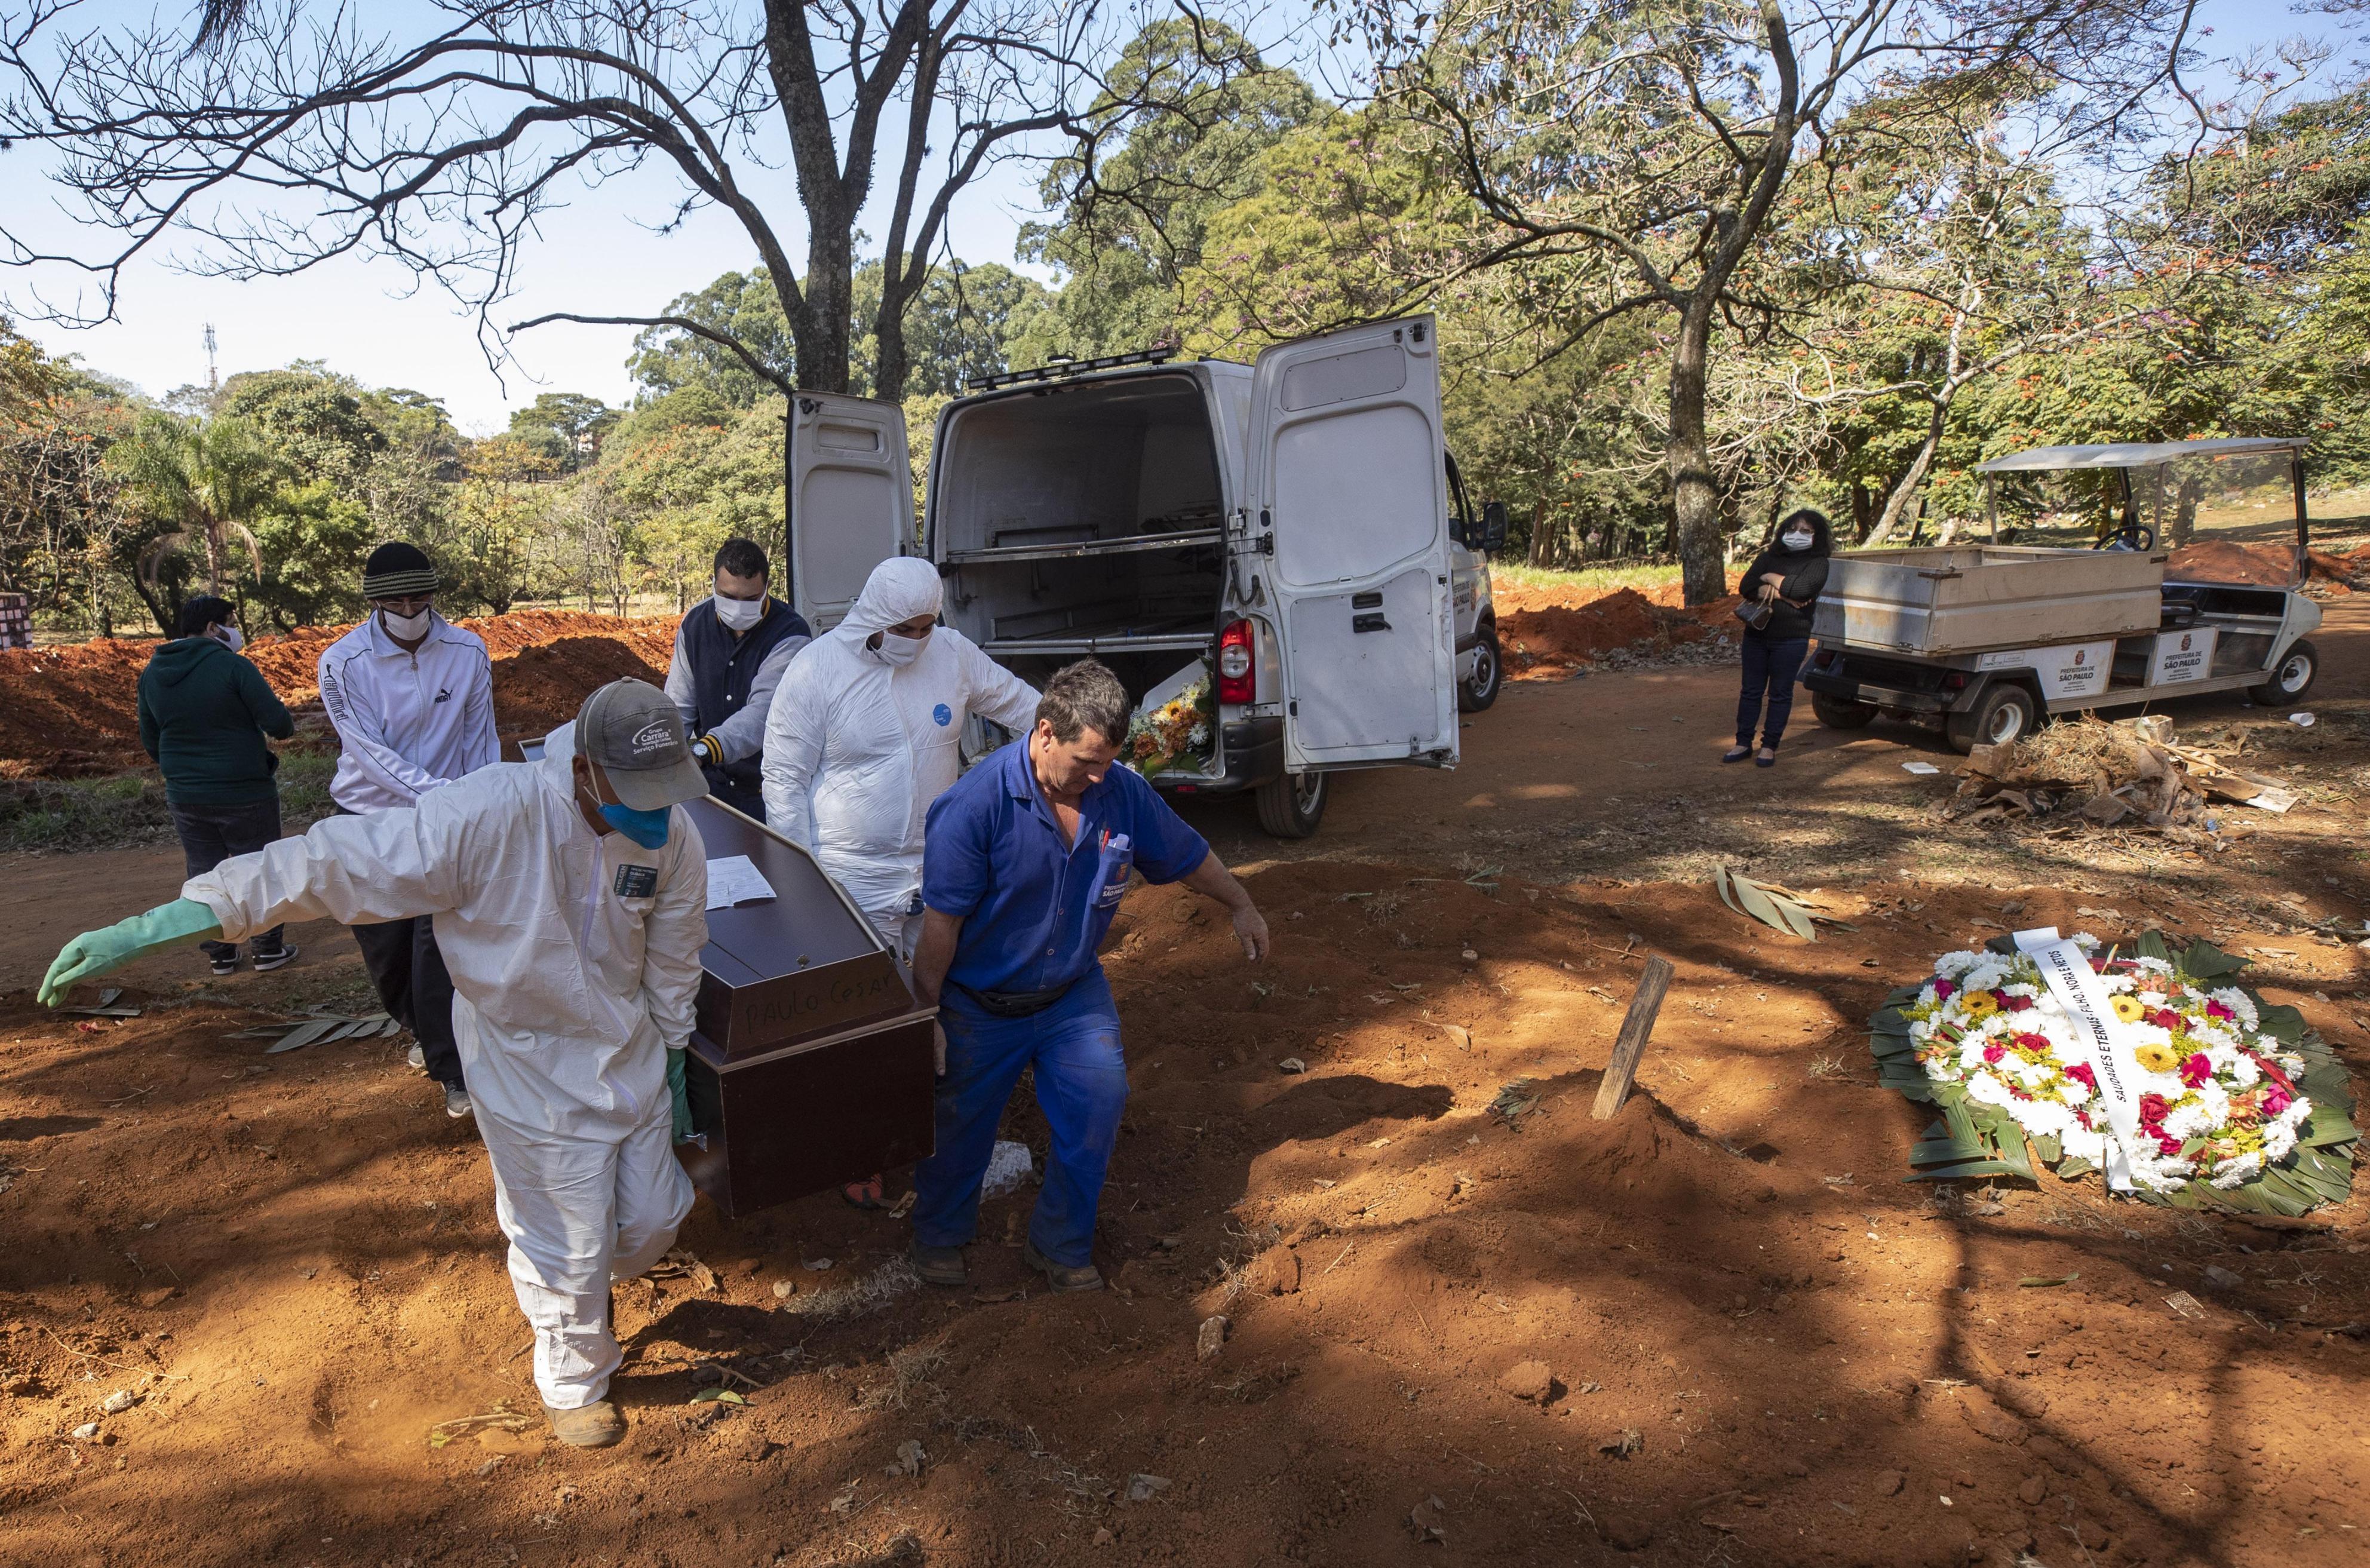 ブラジル・サンパウロの墓地で、防護服を着て新型コロナ感染死者の棺おけを運ぶ人たち=5月28日(AP=共同)